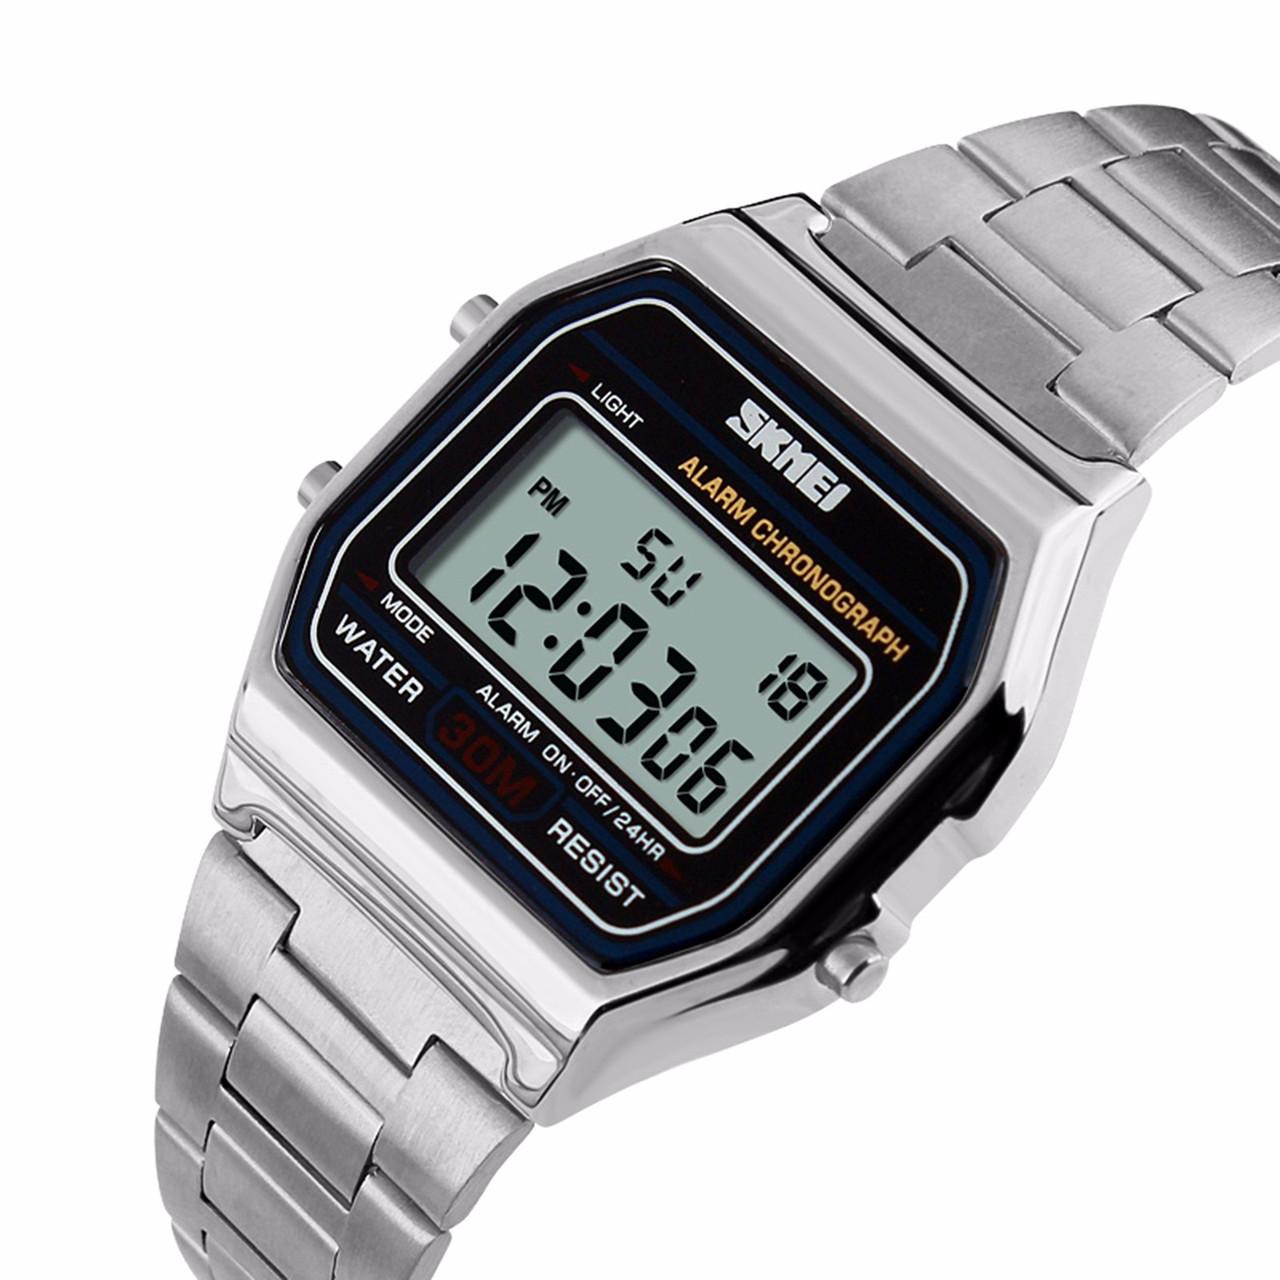 Мужские классические часы Skmei 1123 серебристый